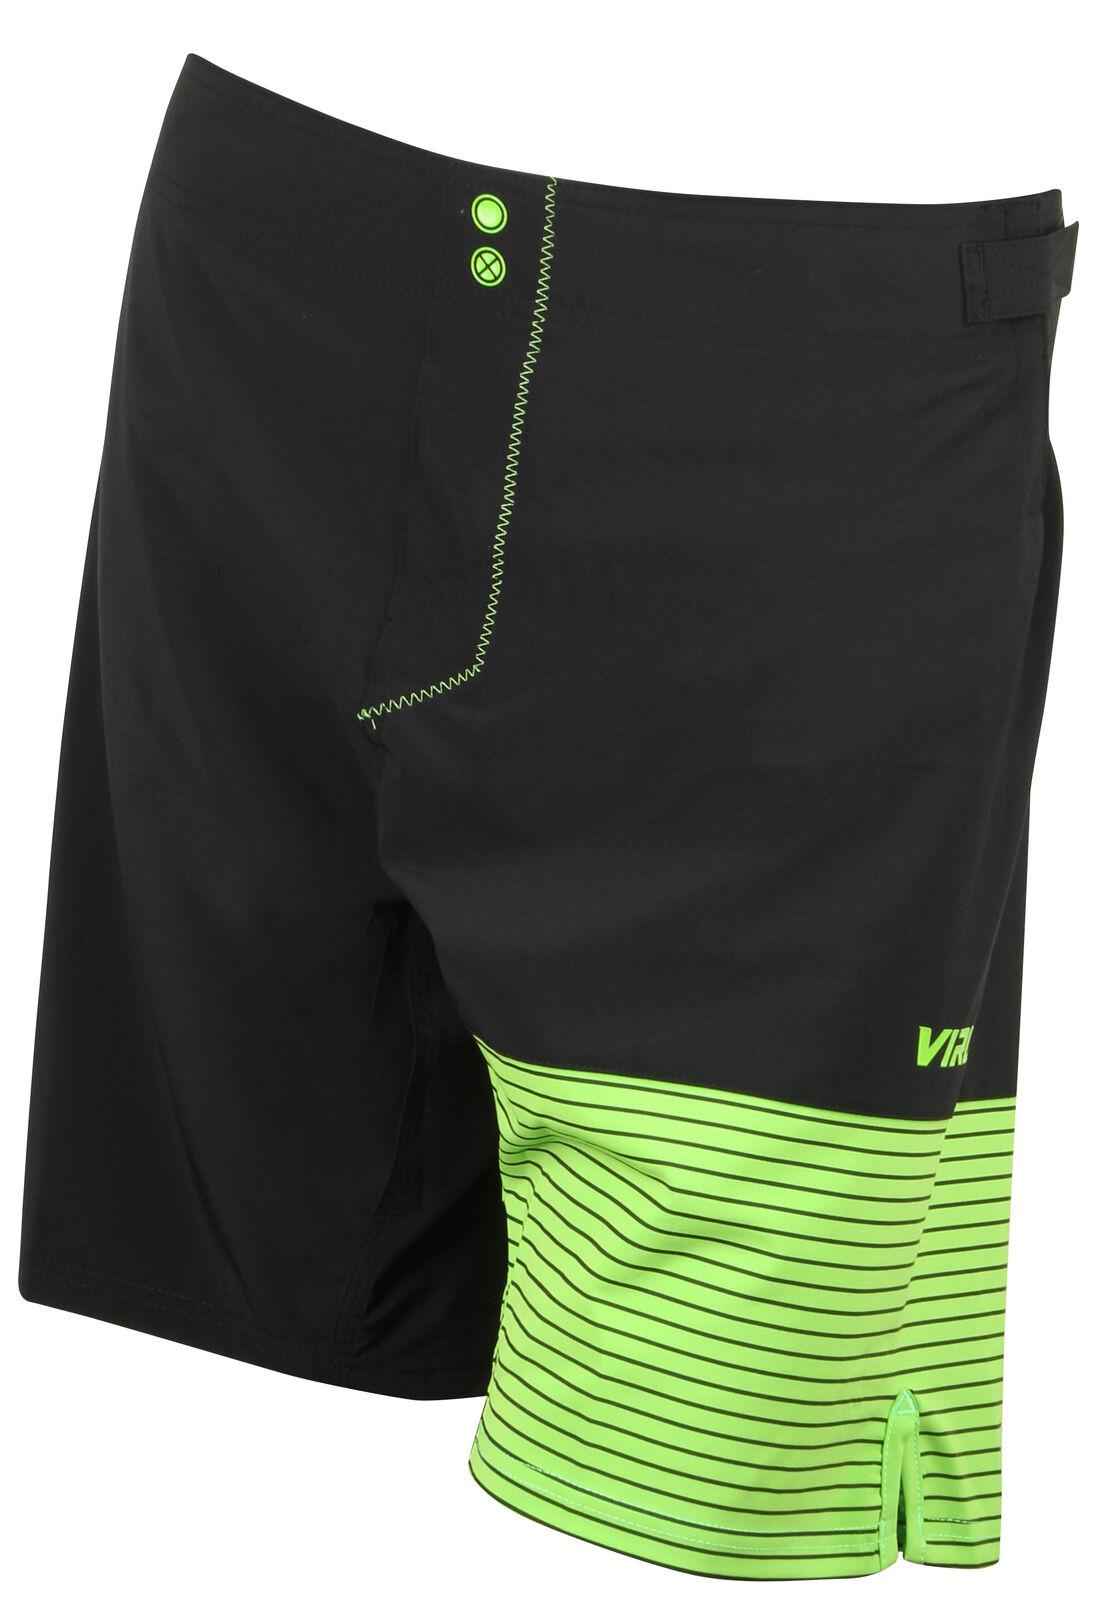 Virus Hombre Hydro St4 Performance Pantalones Cortos- Negro verde   en promociones de estadios